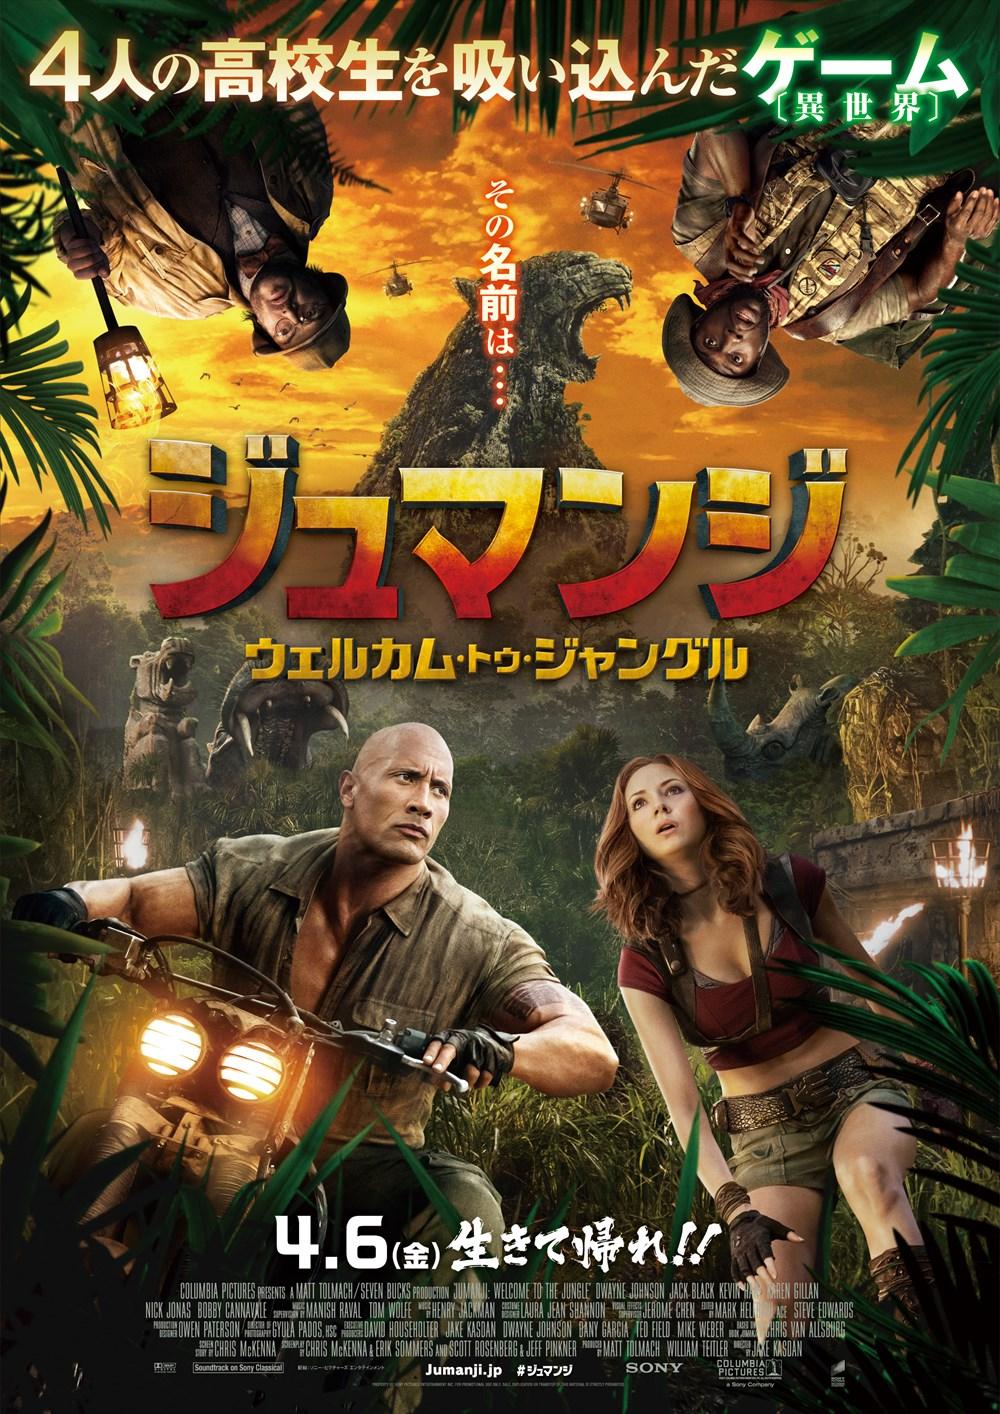 JMNJ_JPN_main_poster_1206_本ポスター (1)_R